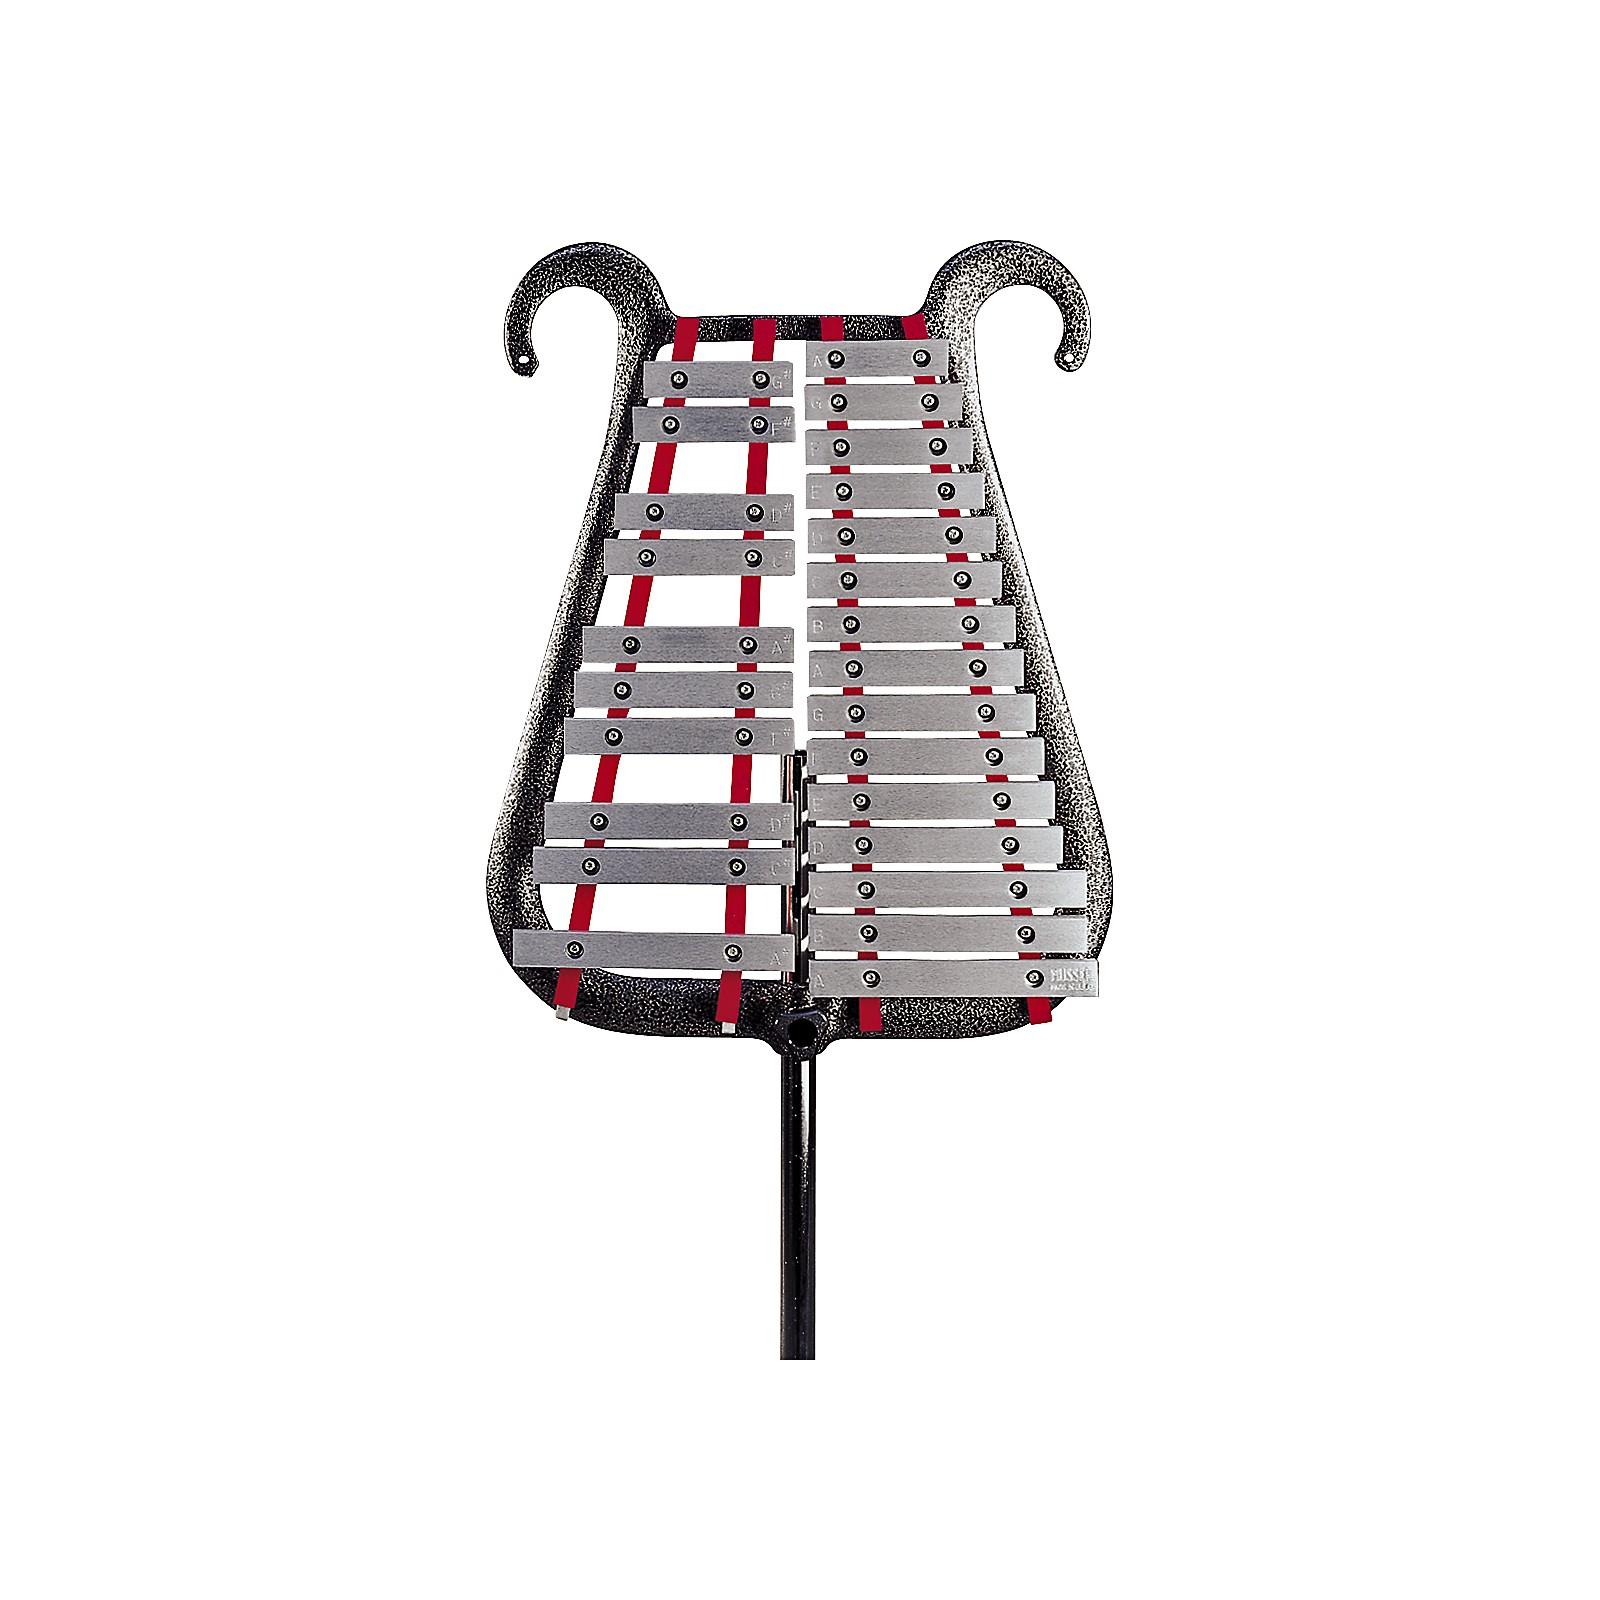 Musser M-2041 Glockenspiel